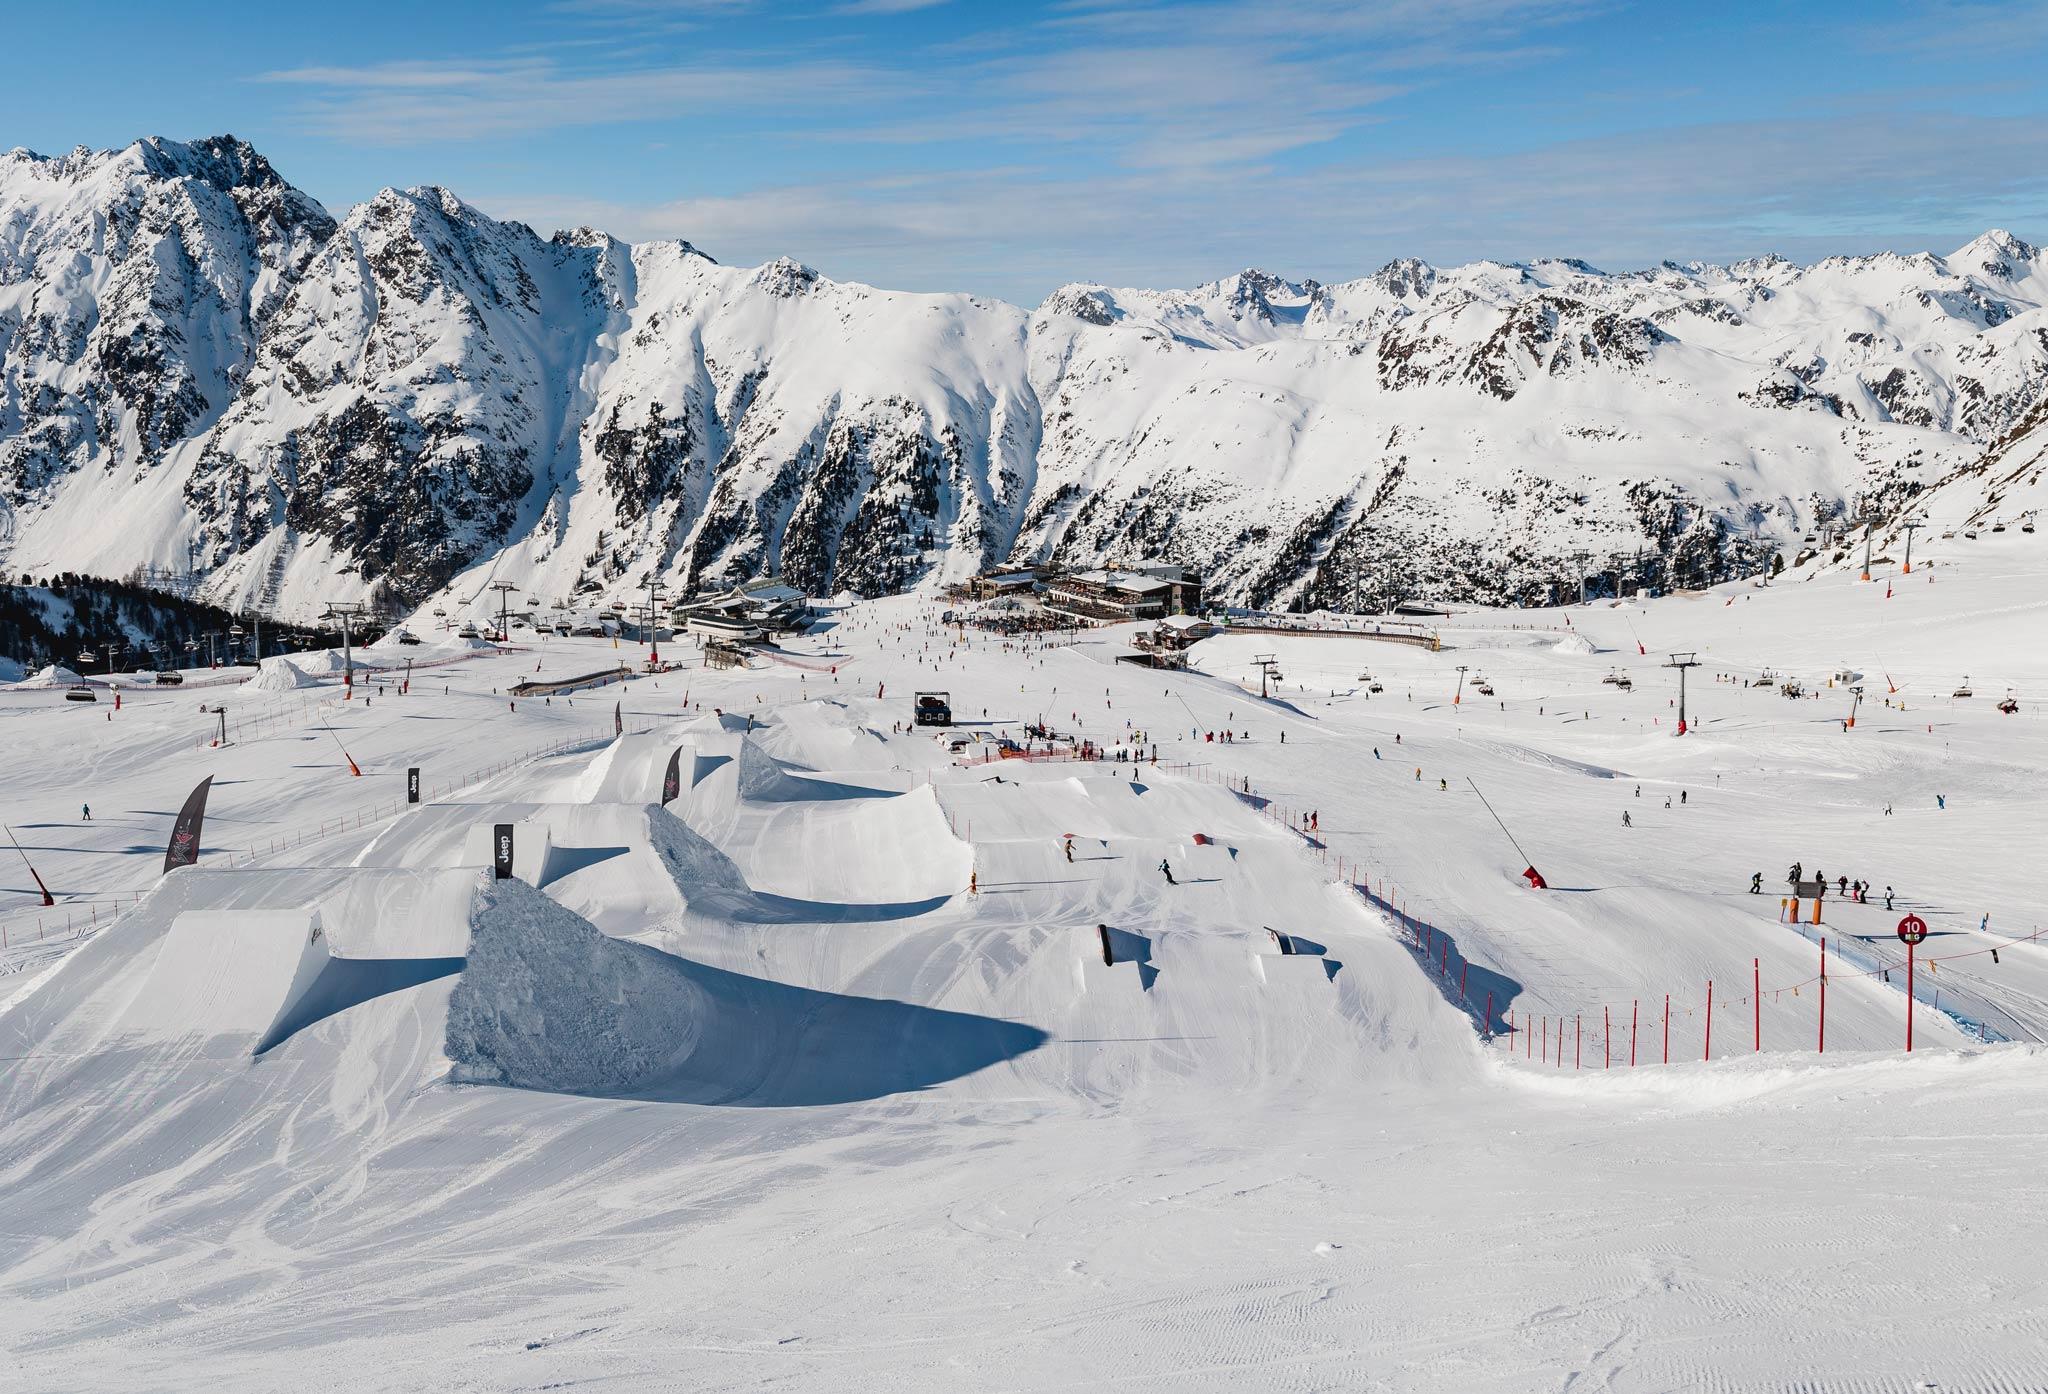 Der untere Teil des Snowpark Ischgl im Überblick: Links die Medium/Pro Kicker, rechts die Jib Line.